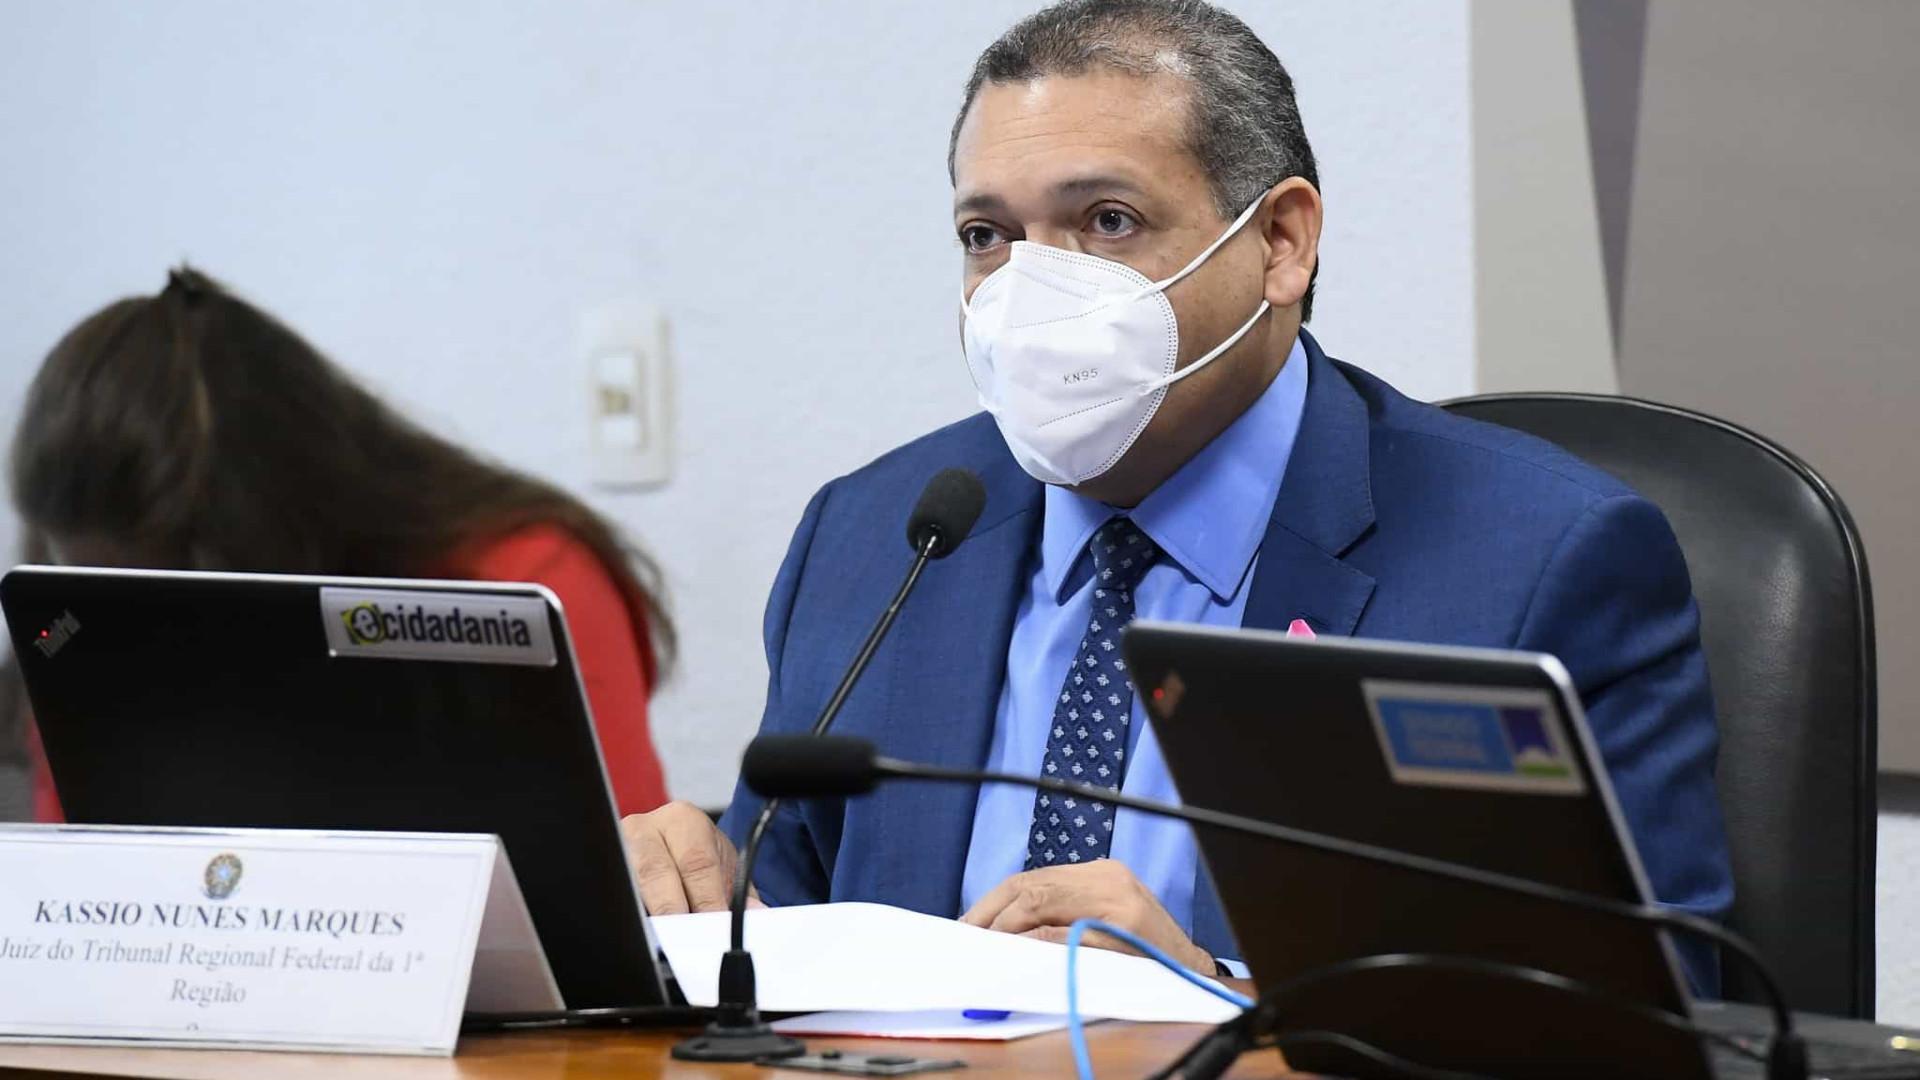 Kassio Nunes foi excluído de nota pró-urna eletrônica por nunca ter integrado TSE